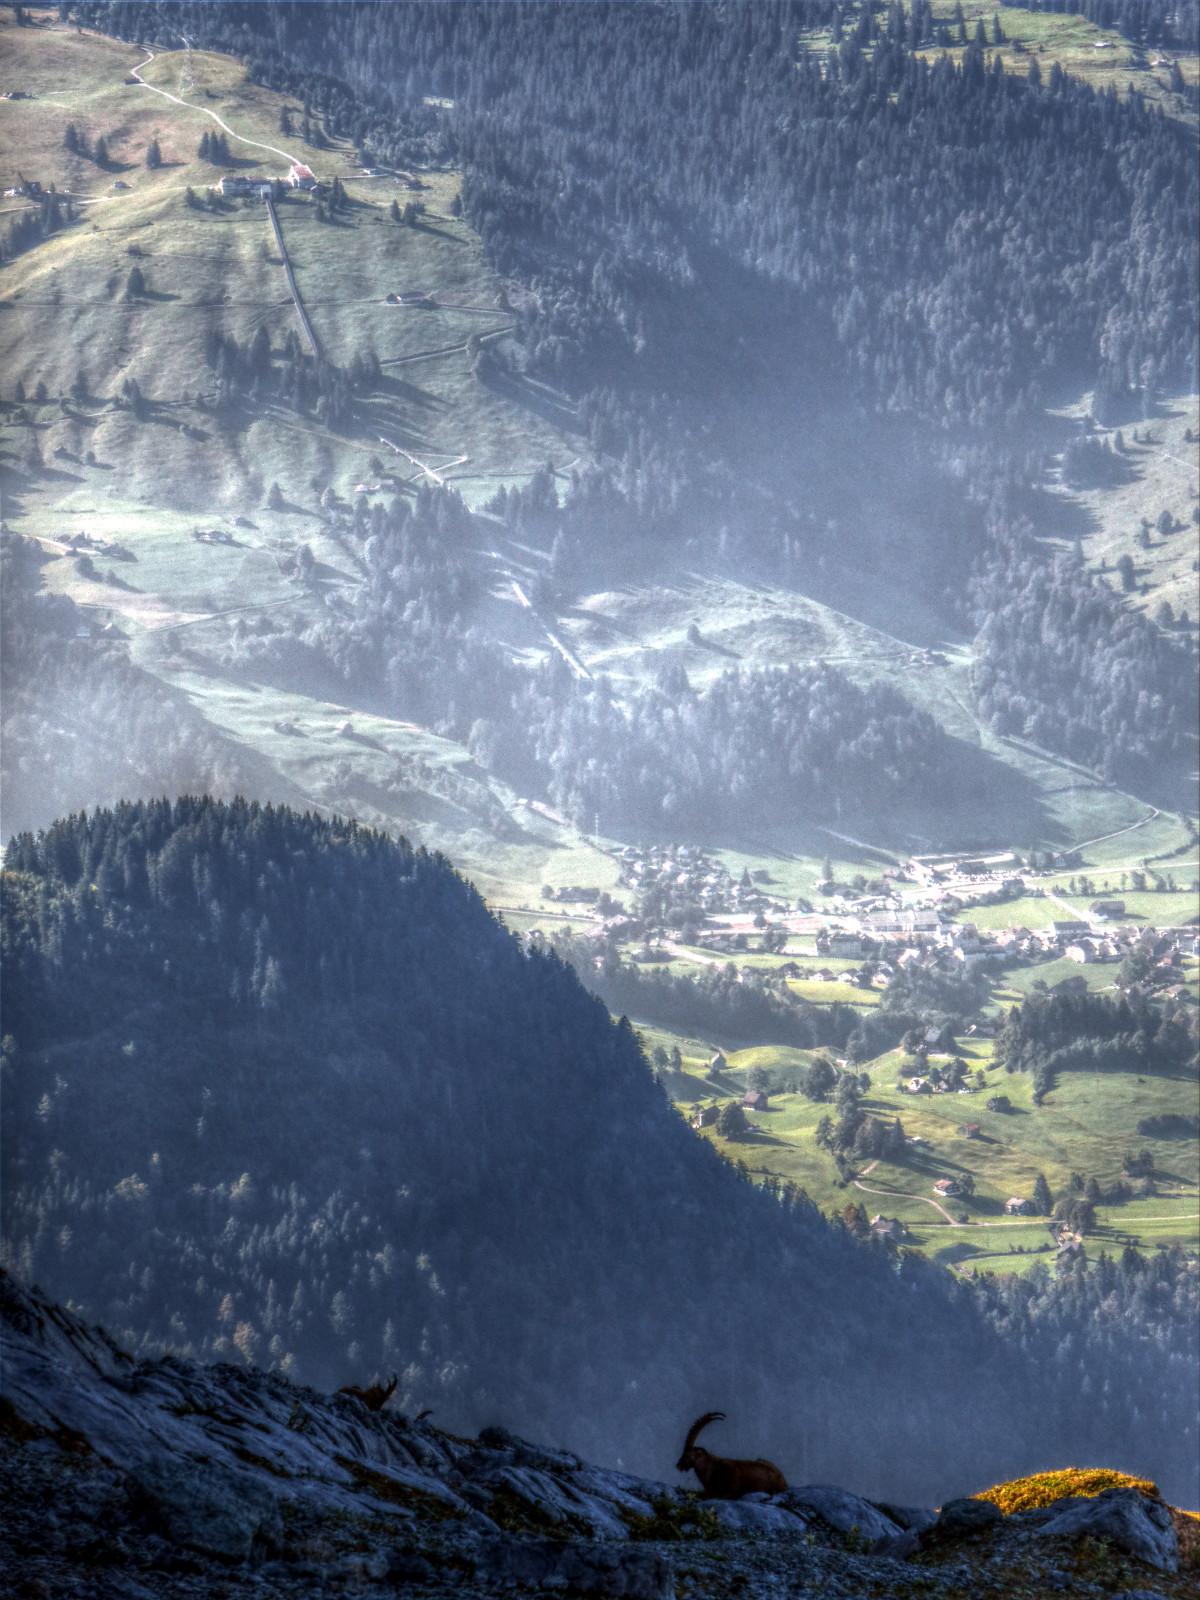 Blick ins Tal zwischen Säntis und Churfirsten, unten Steinböcke.